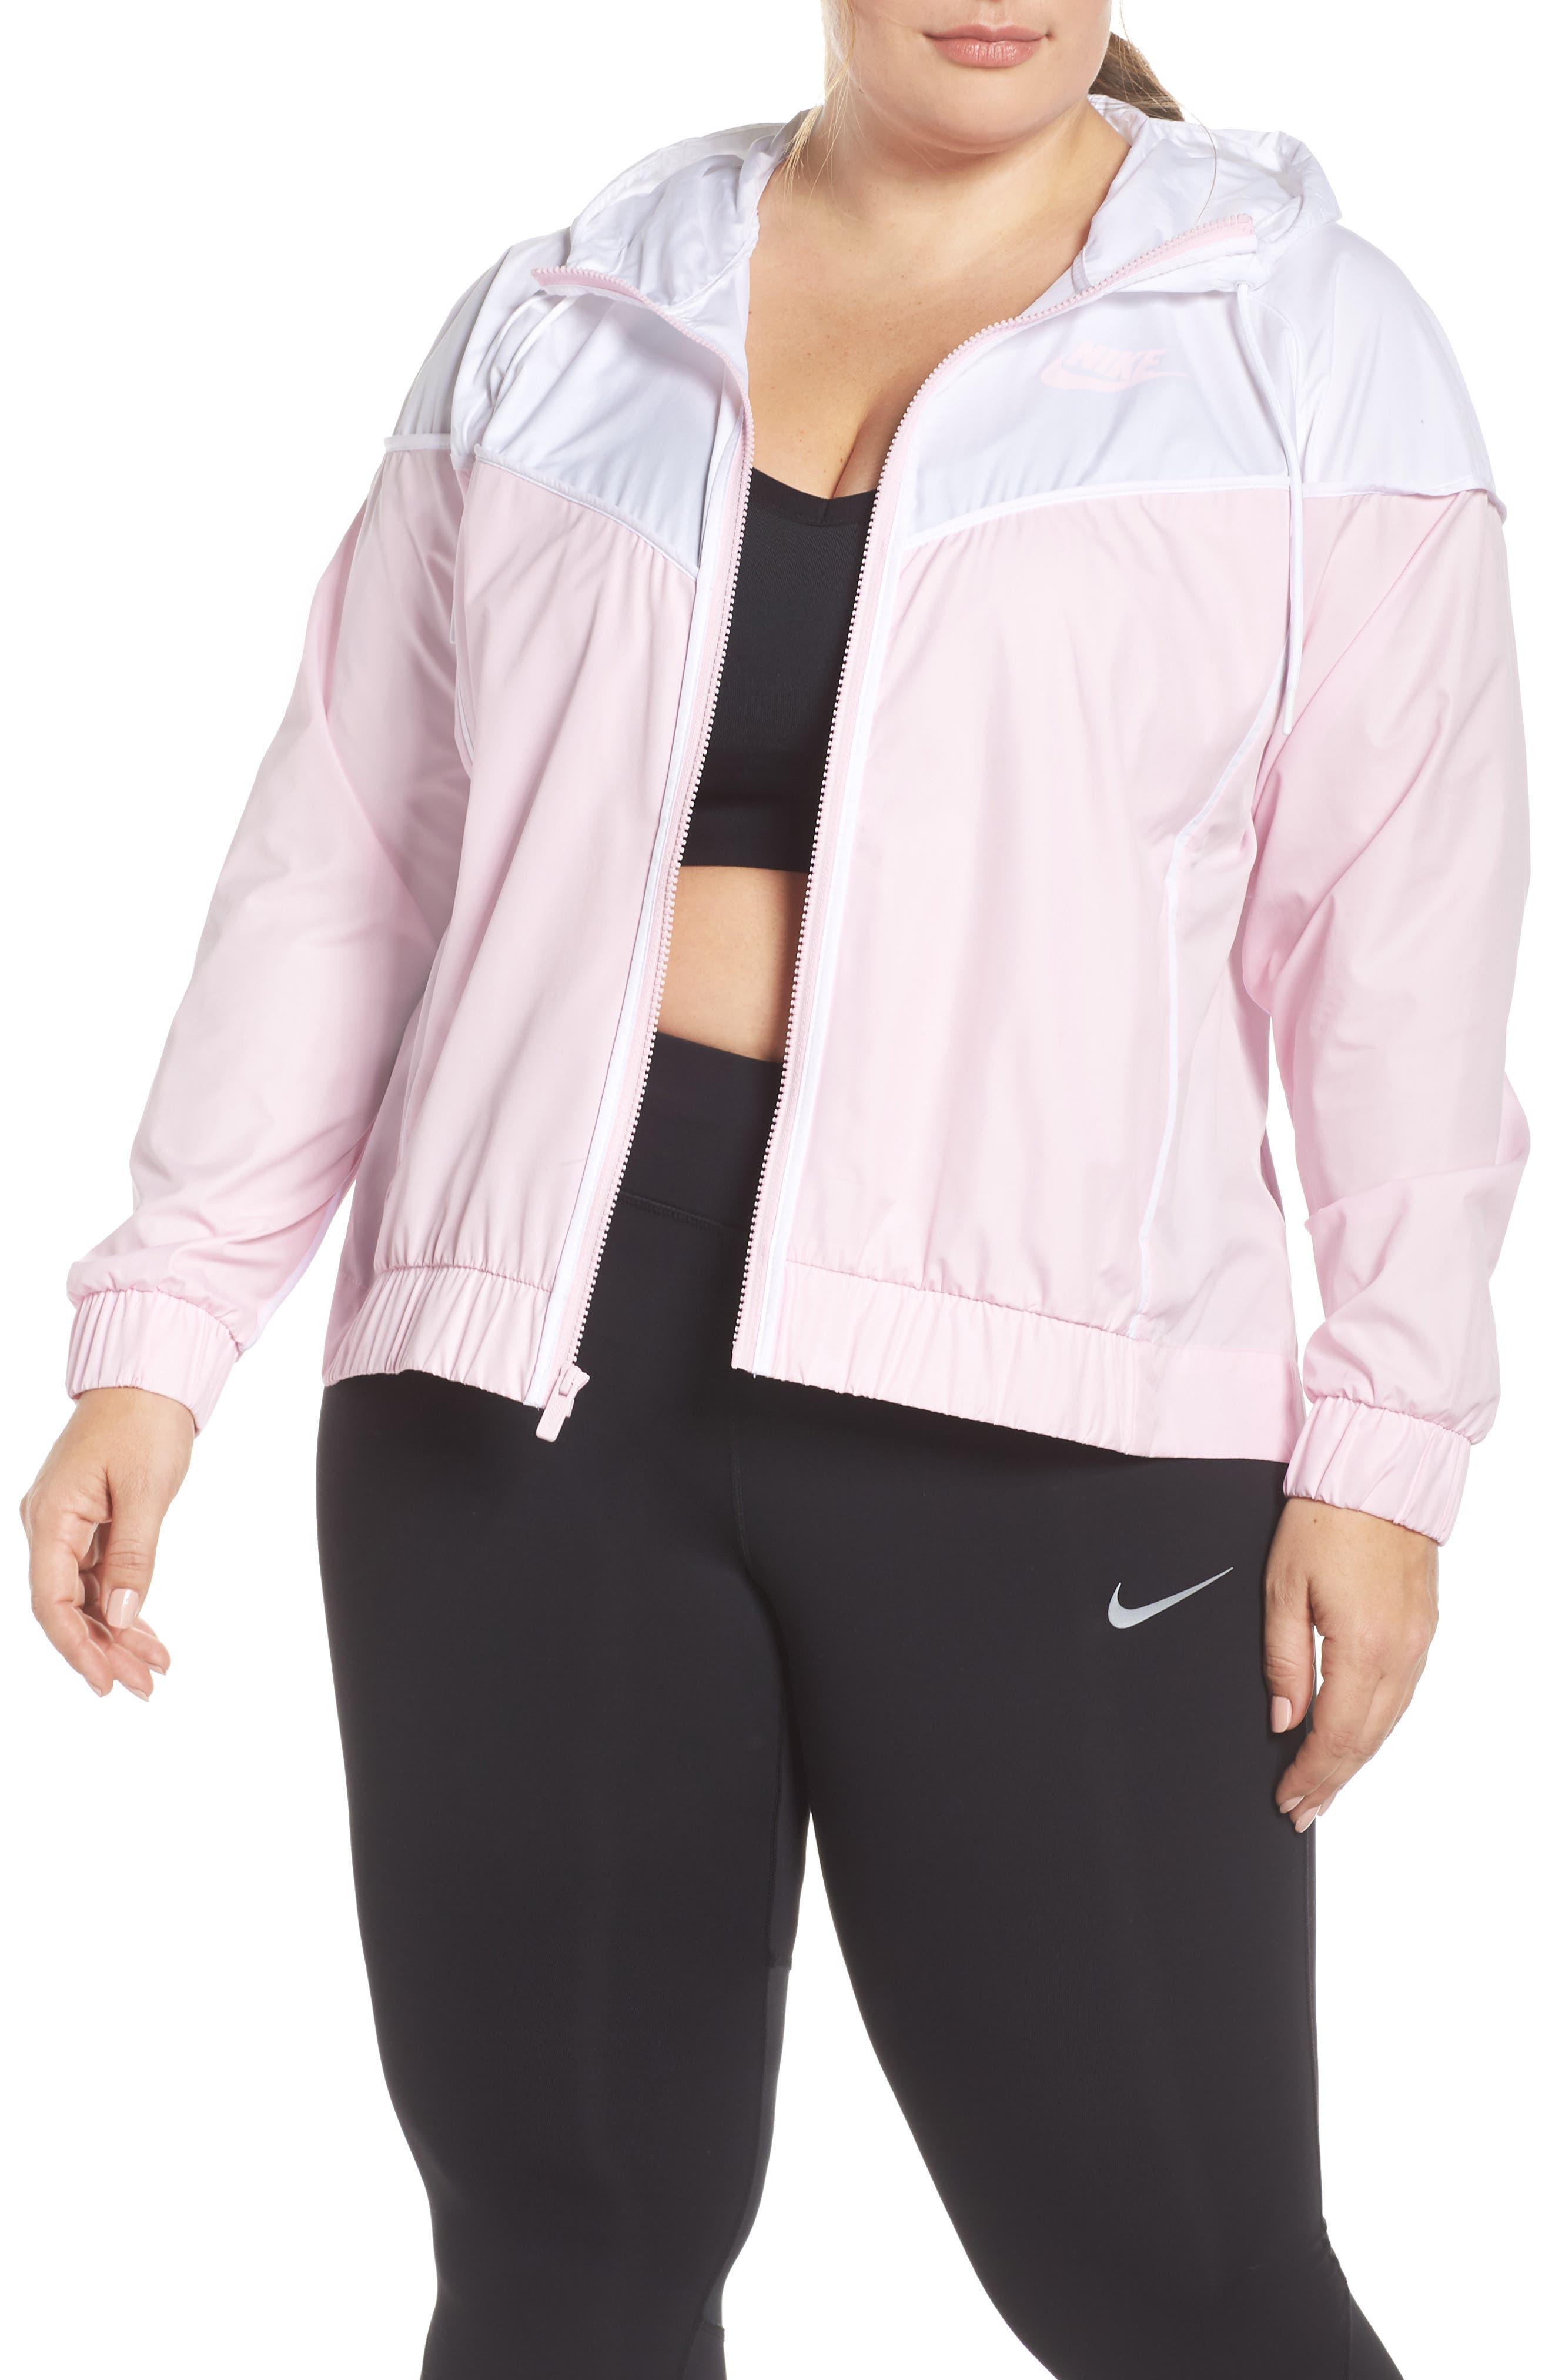 NIKE,                             Sportswear Windrunner Jacket,                             Main thumbnail 1, color,                             PINK FOAM/ WHITE/ PINK FOAM